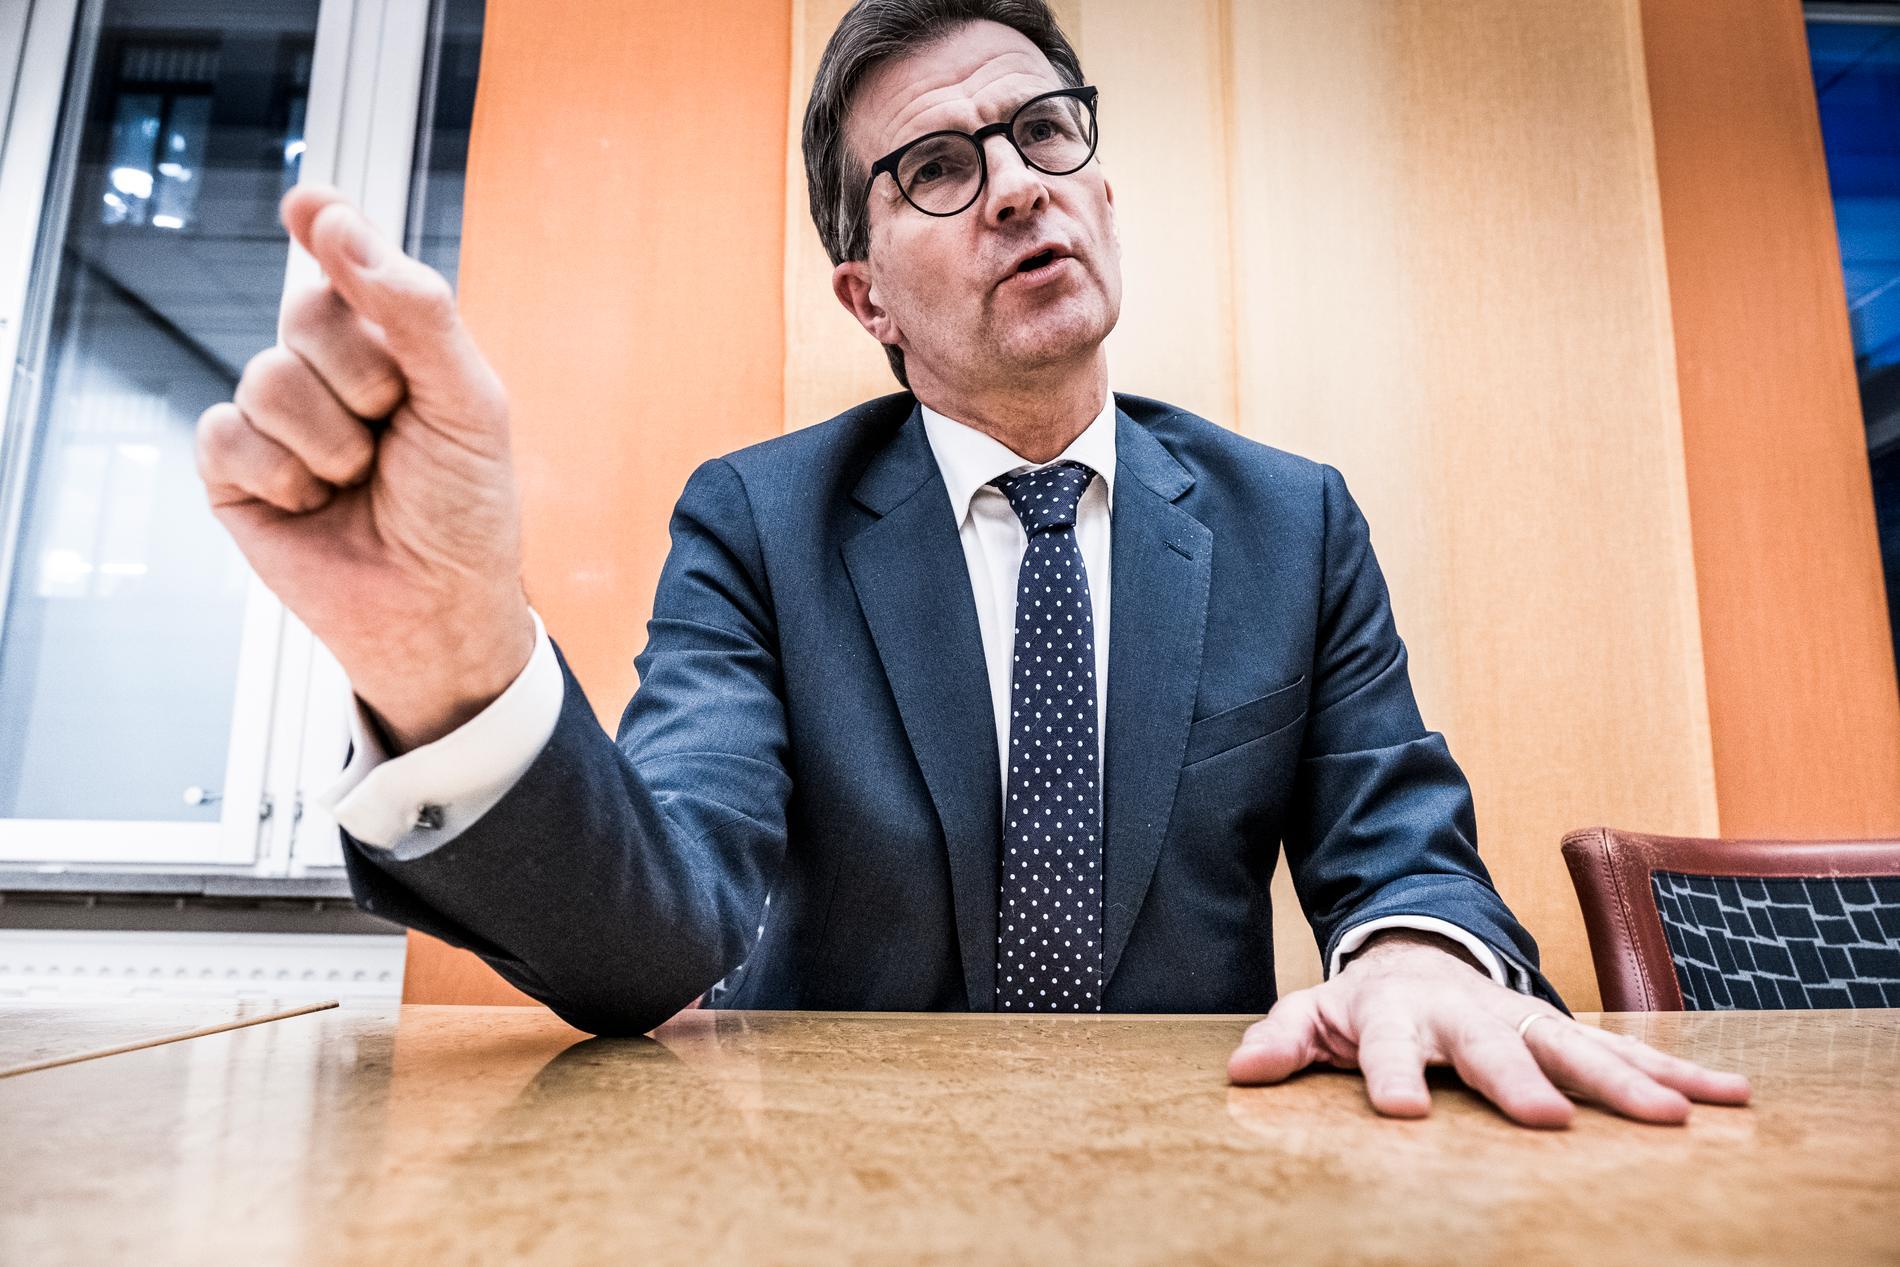 FI:s generaldirektör Erik Thedéen vill att bankerna tar ansvar.